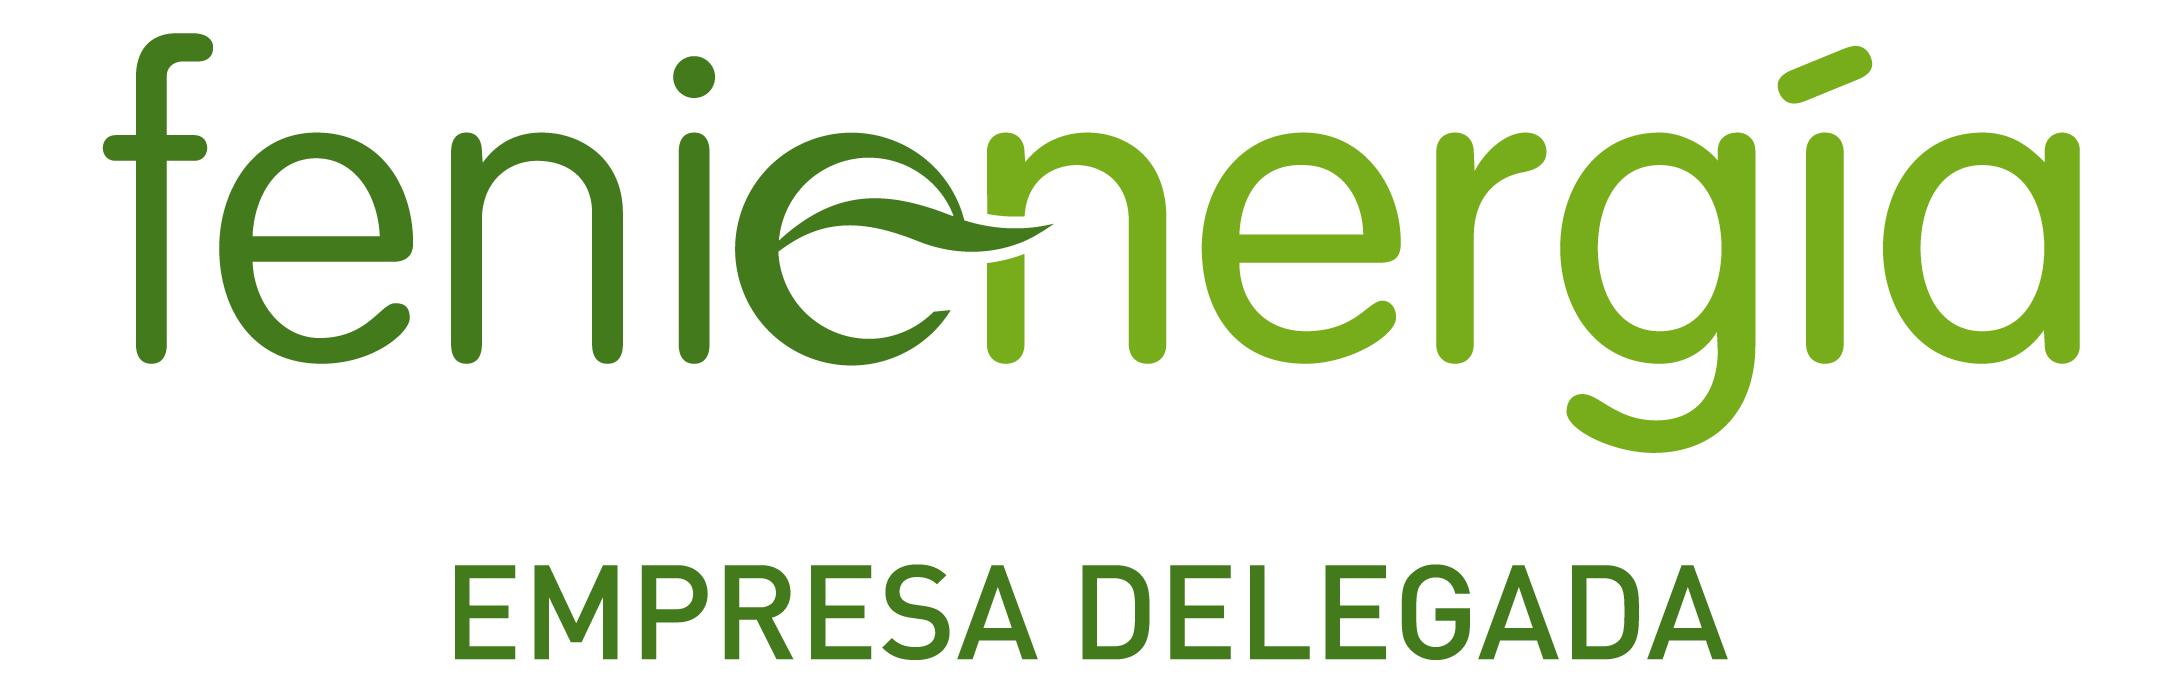 Empresa Asociada a Fenie Energia